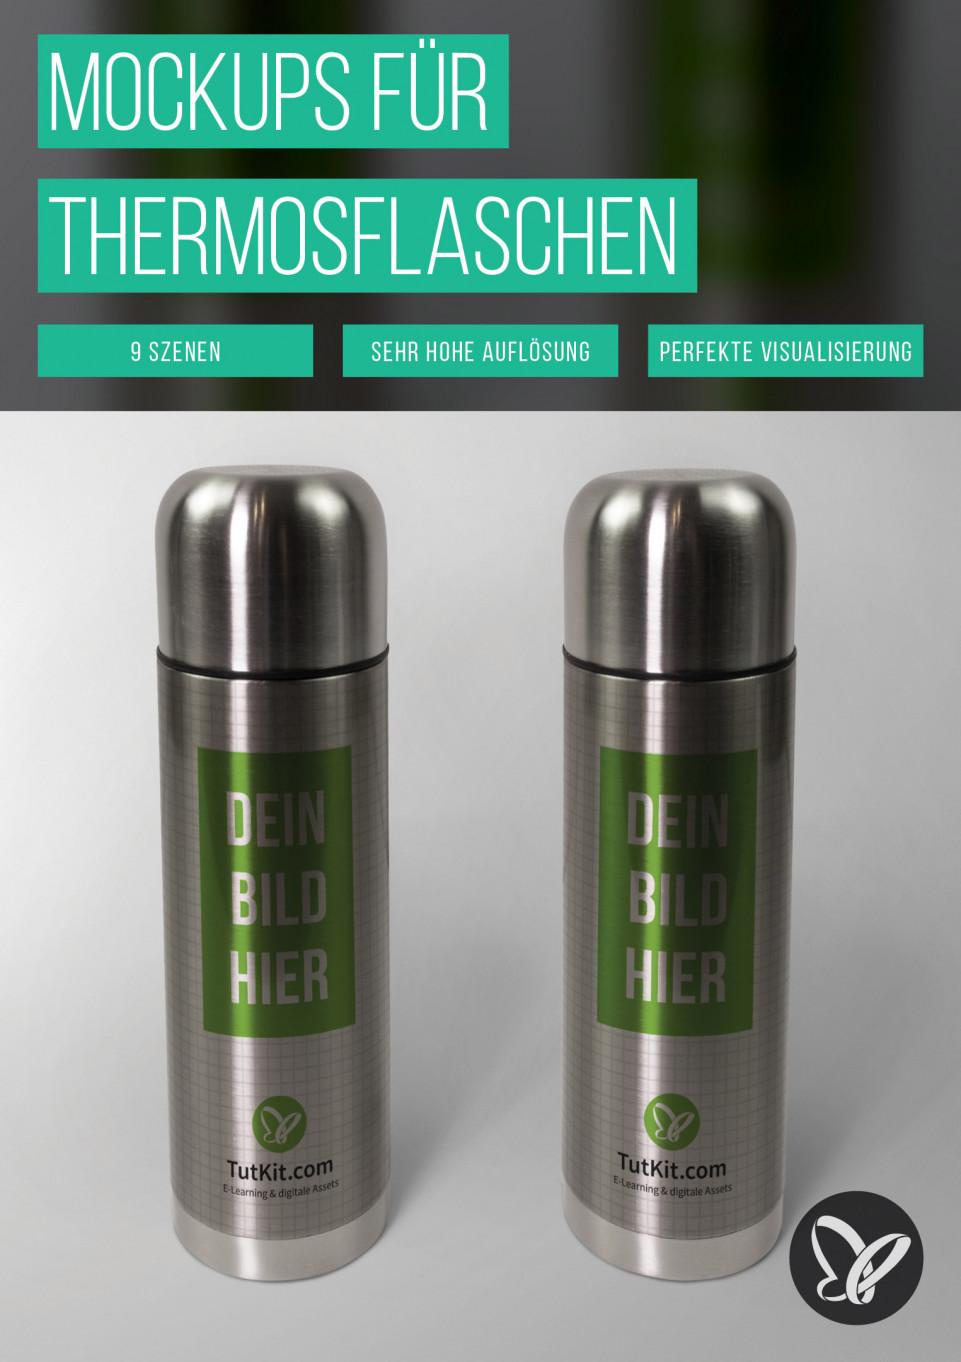 Photoshop-Mockups für Thermosflaschen